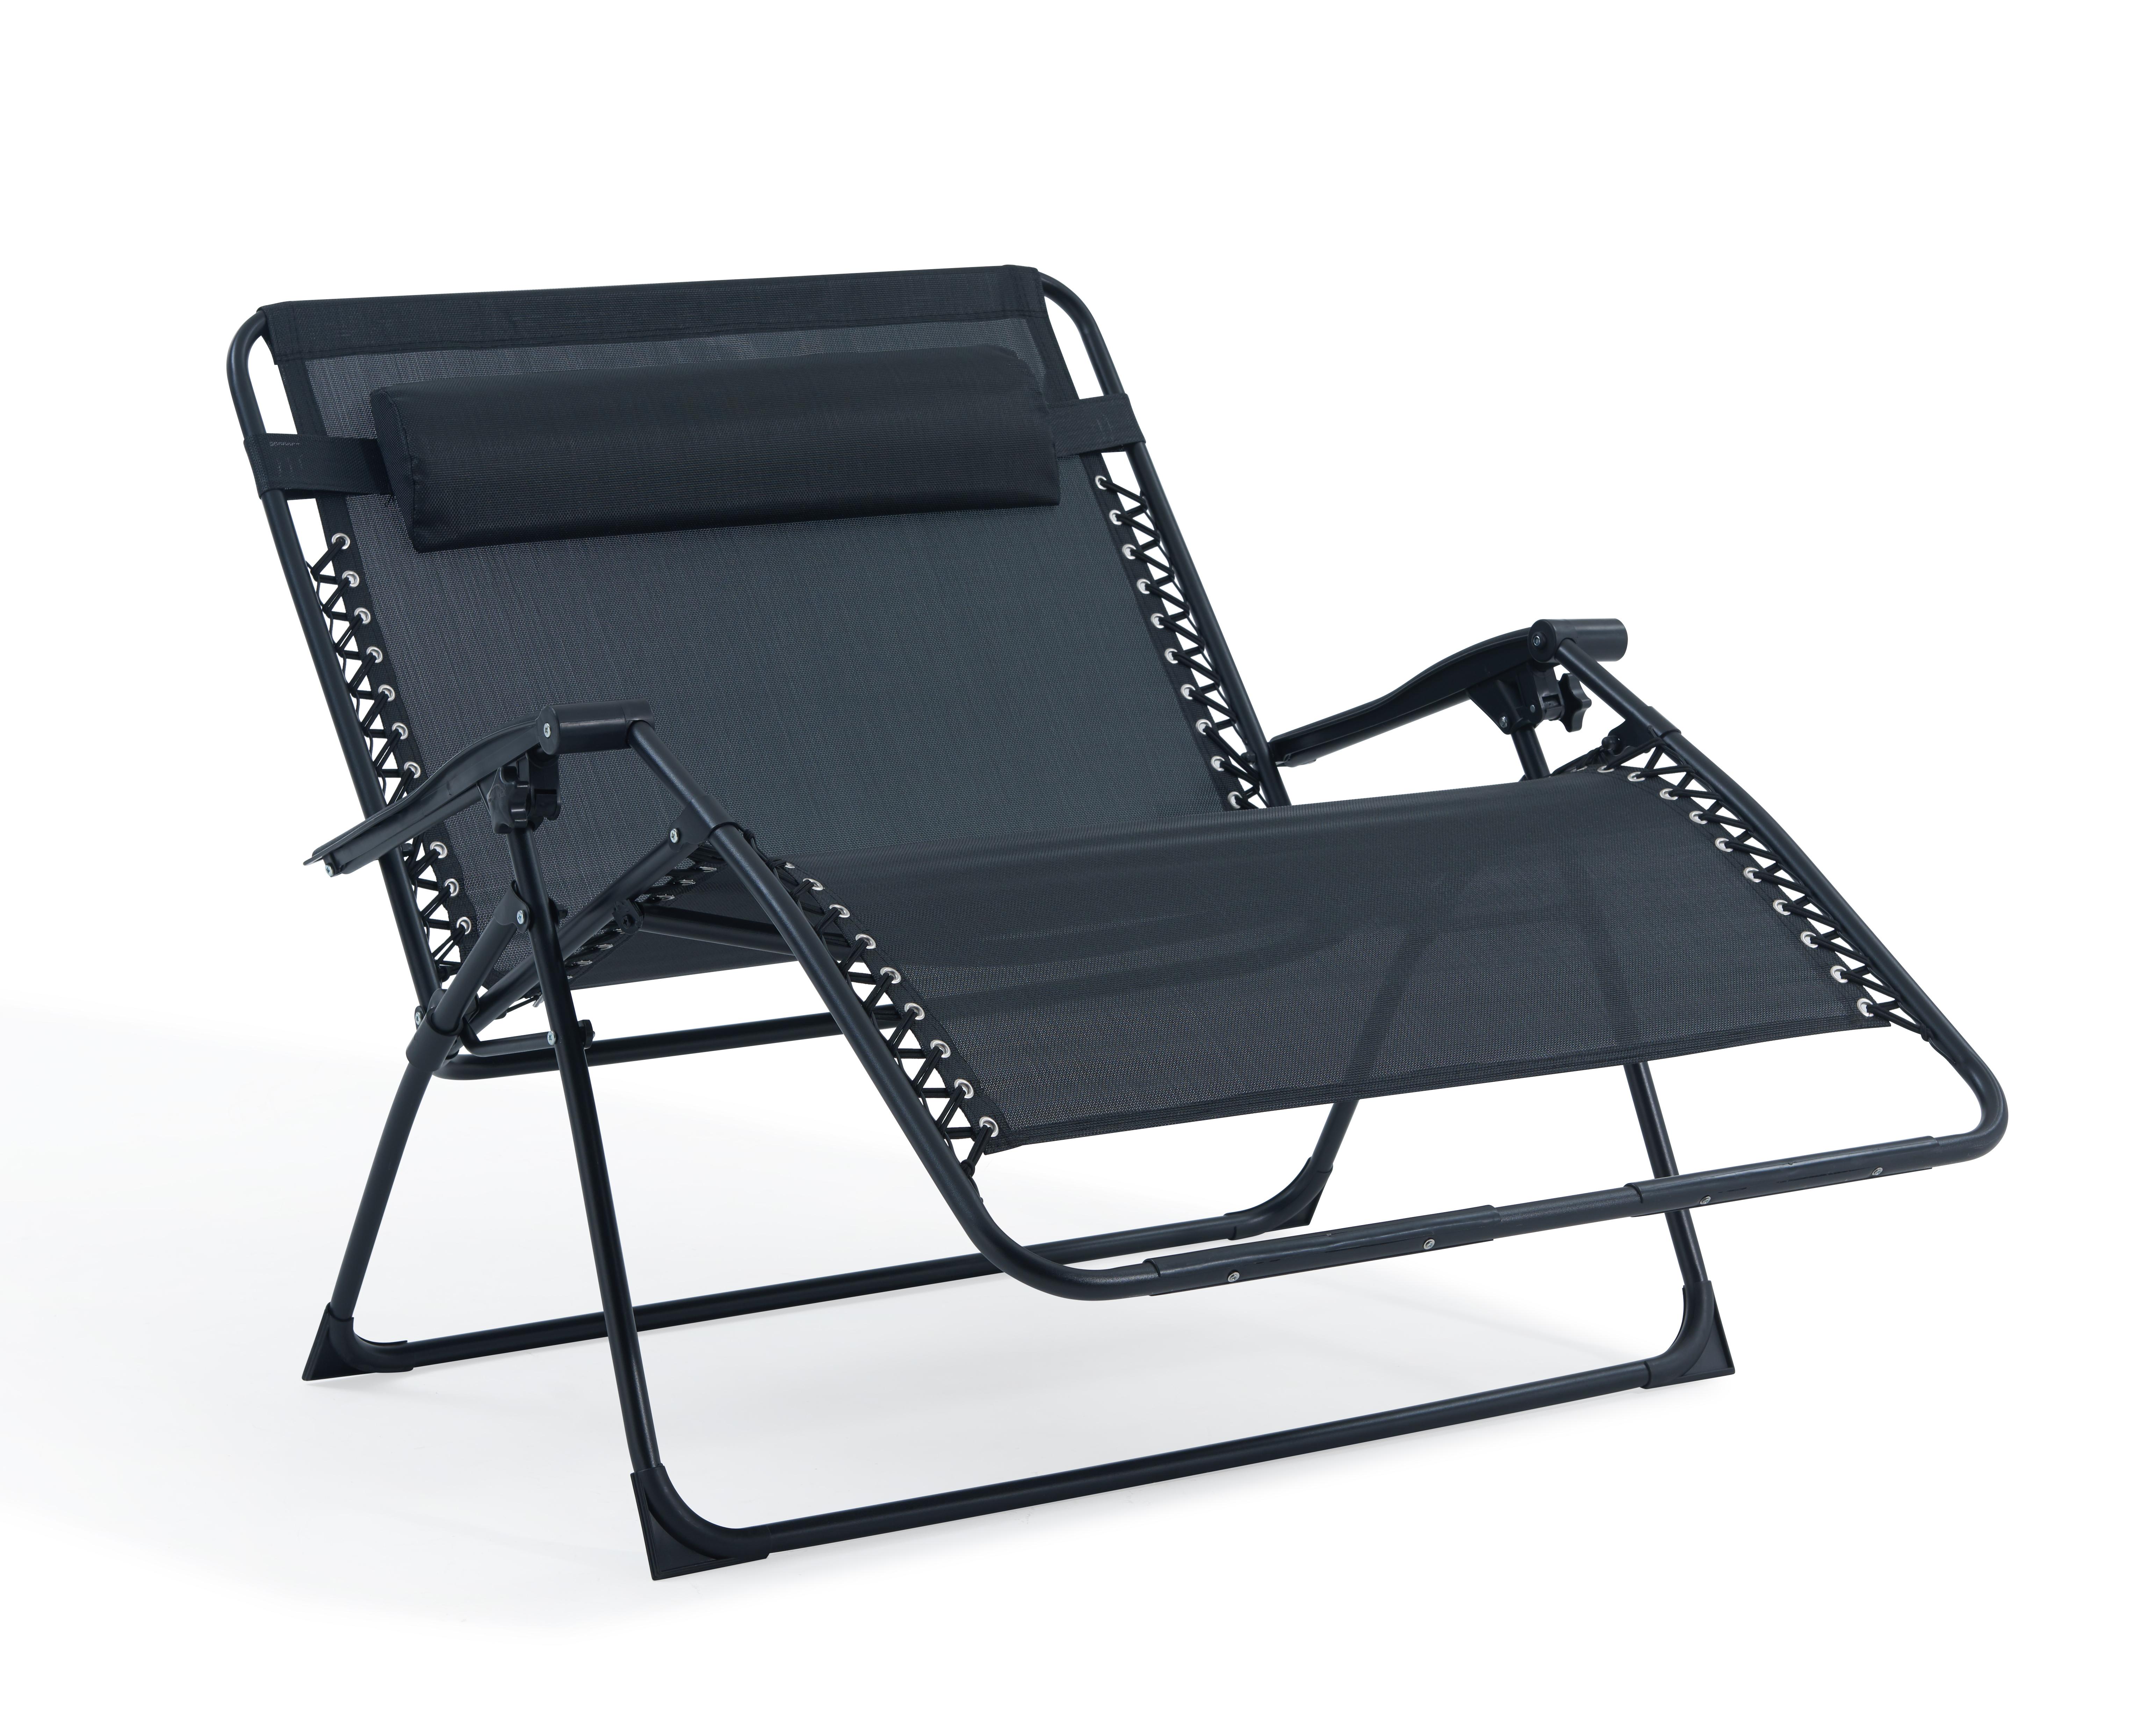 2 PERSON LOVE SEAT FOLDING GRAVITY SUN LOUNGER CHAIR RECLINER GARDEN OUTDOOR